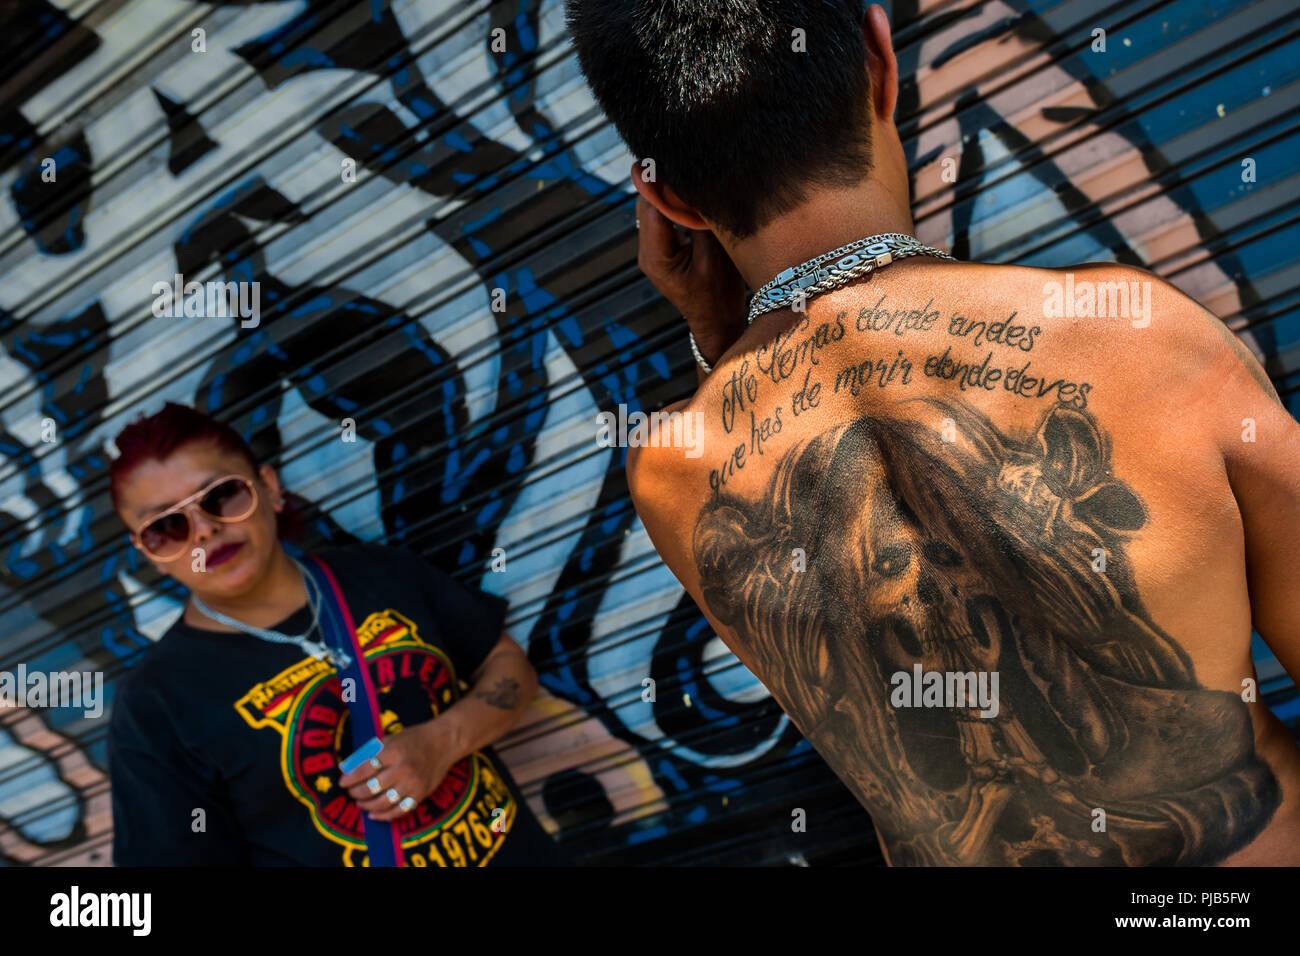 Religious Tattoo Stock Photos & Religious Tattoo Stock